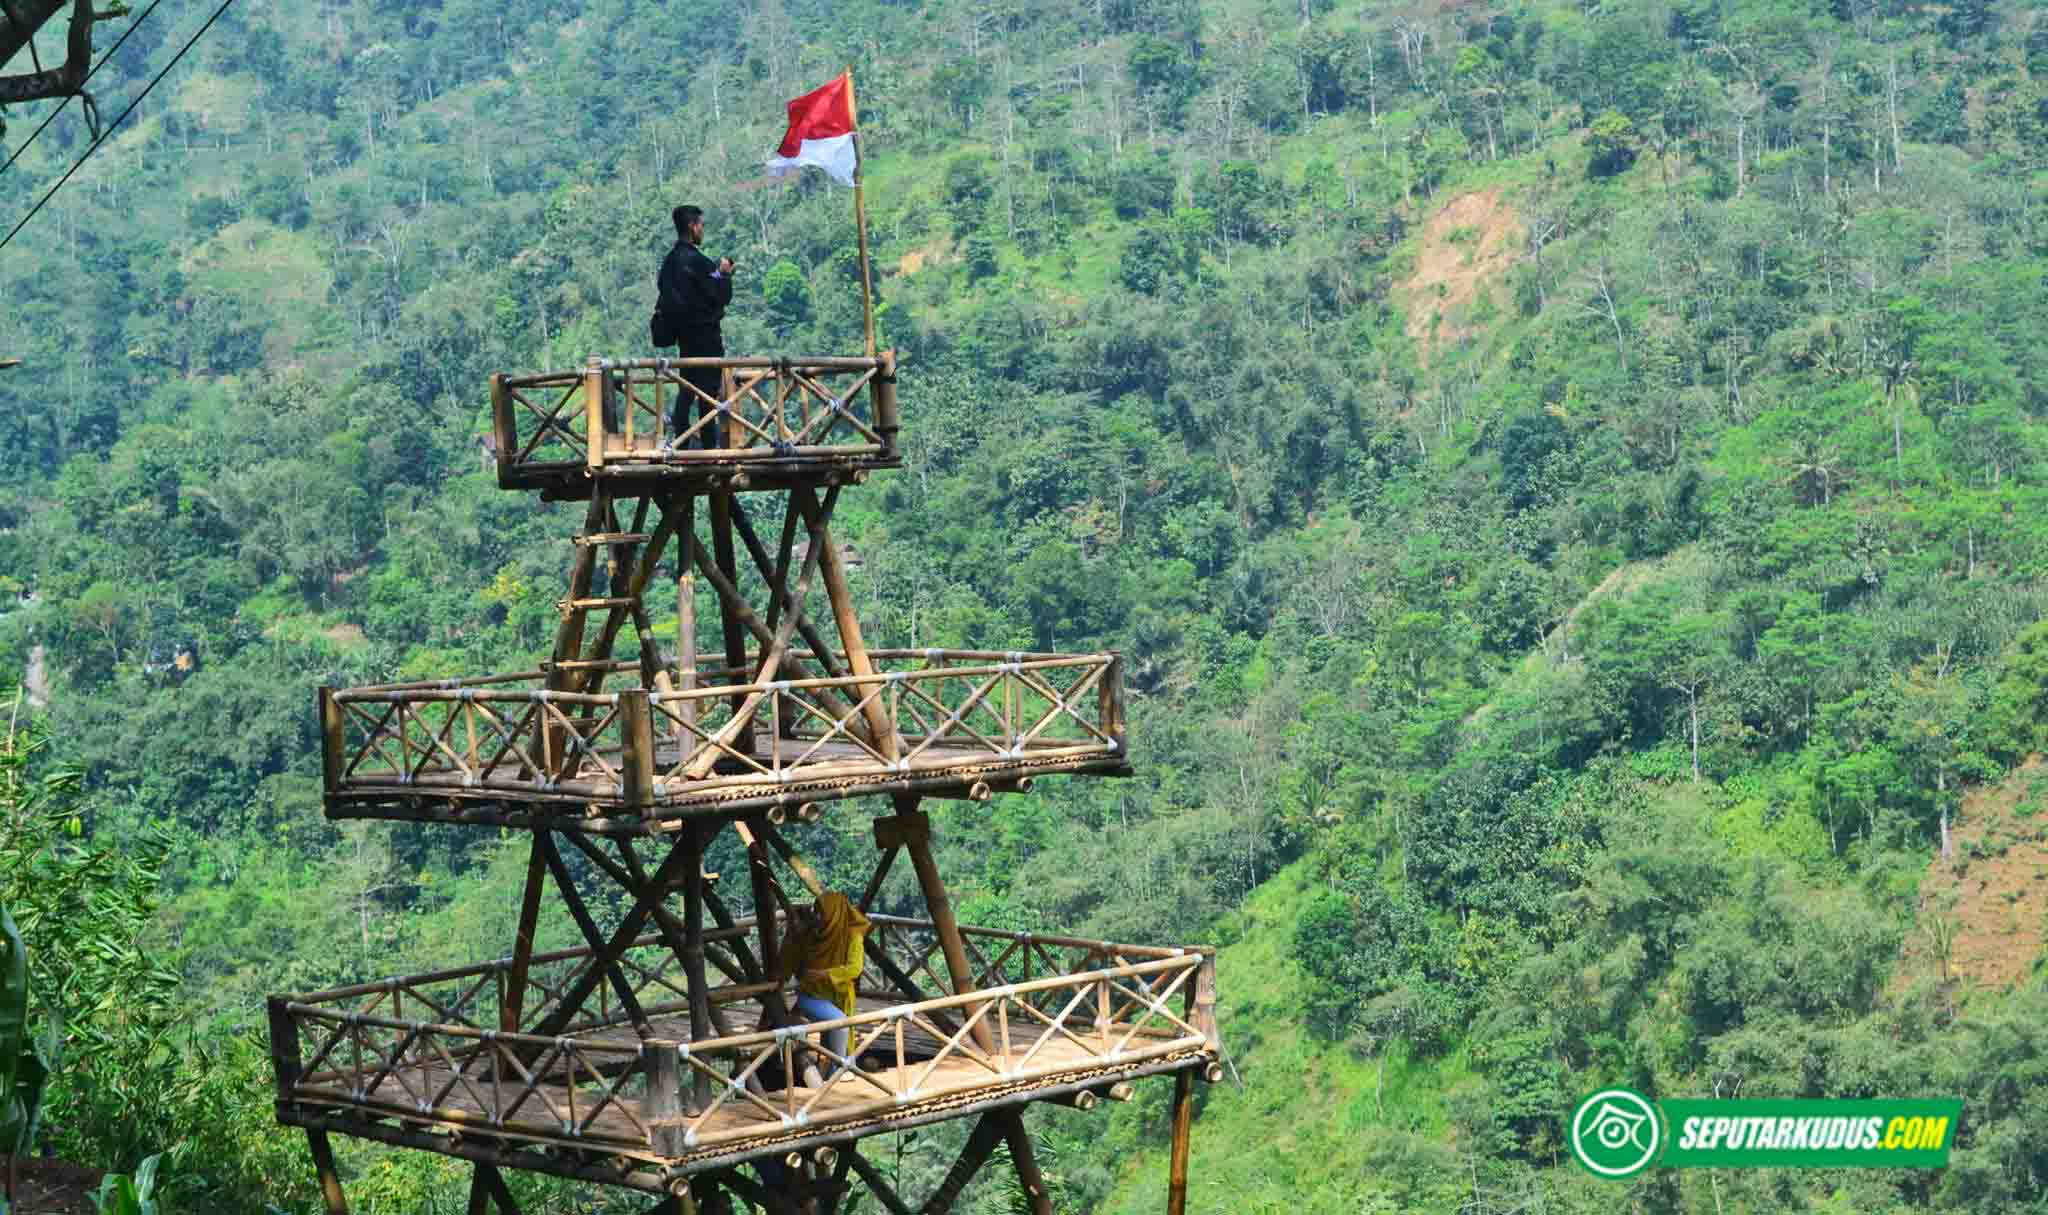 Menara pandang di Bukit Nggeneng, Desa Rahtawu, Kudus 2017_6_3